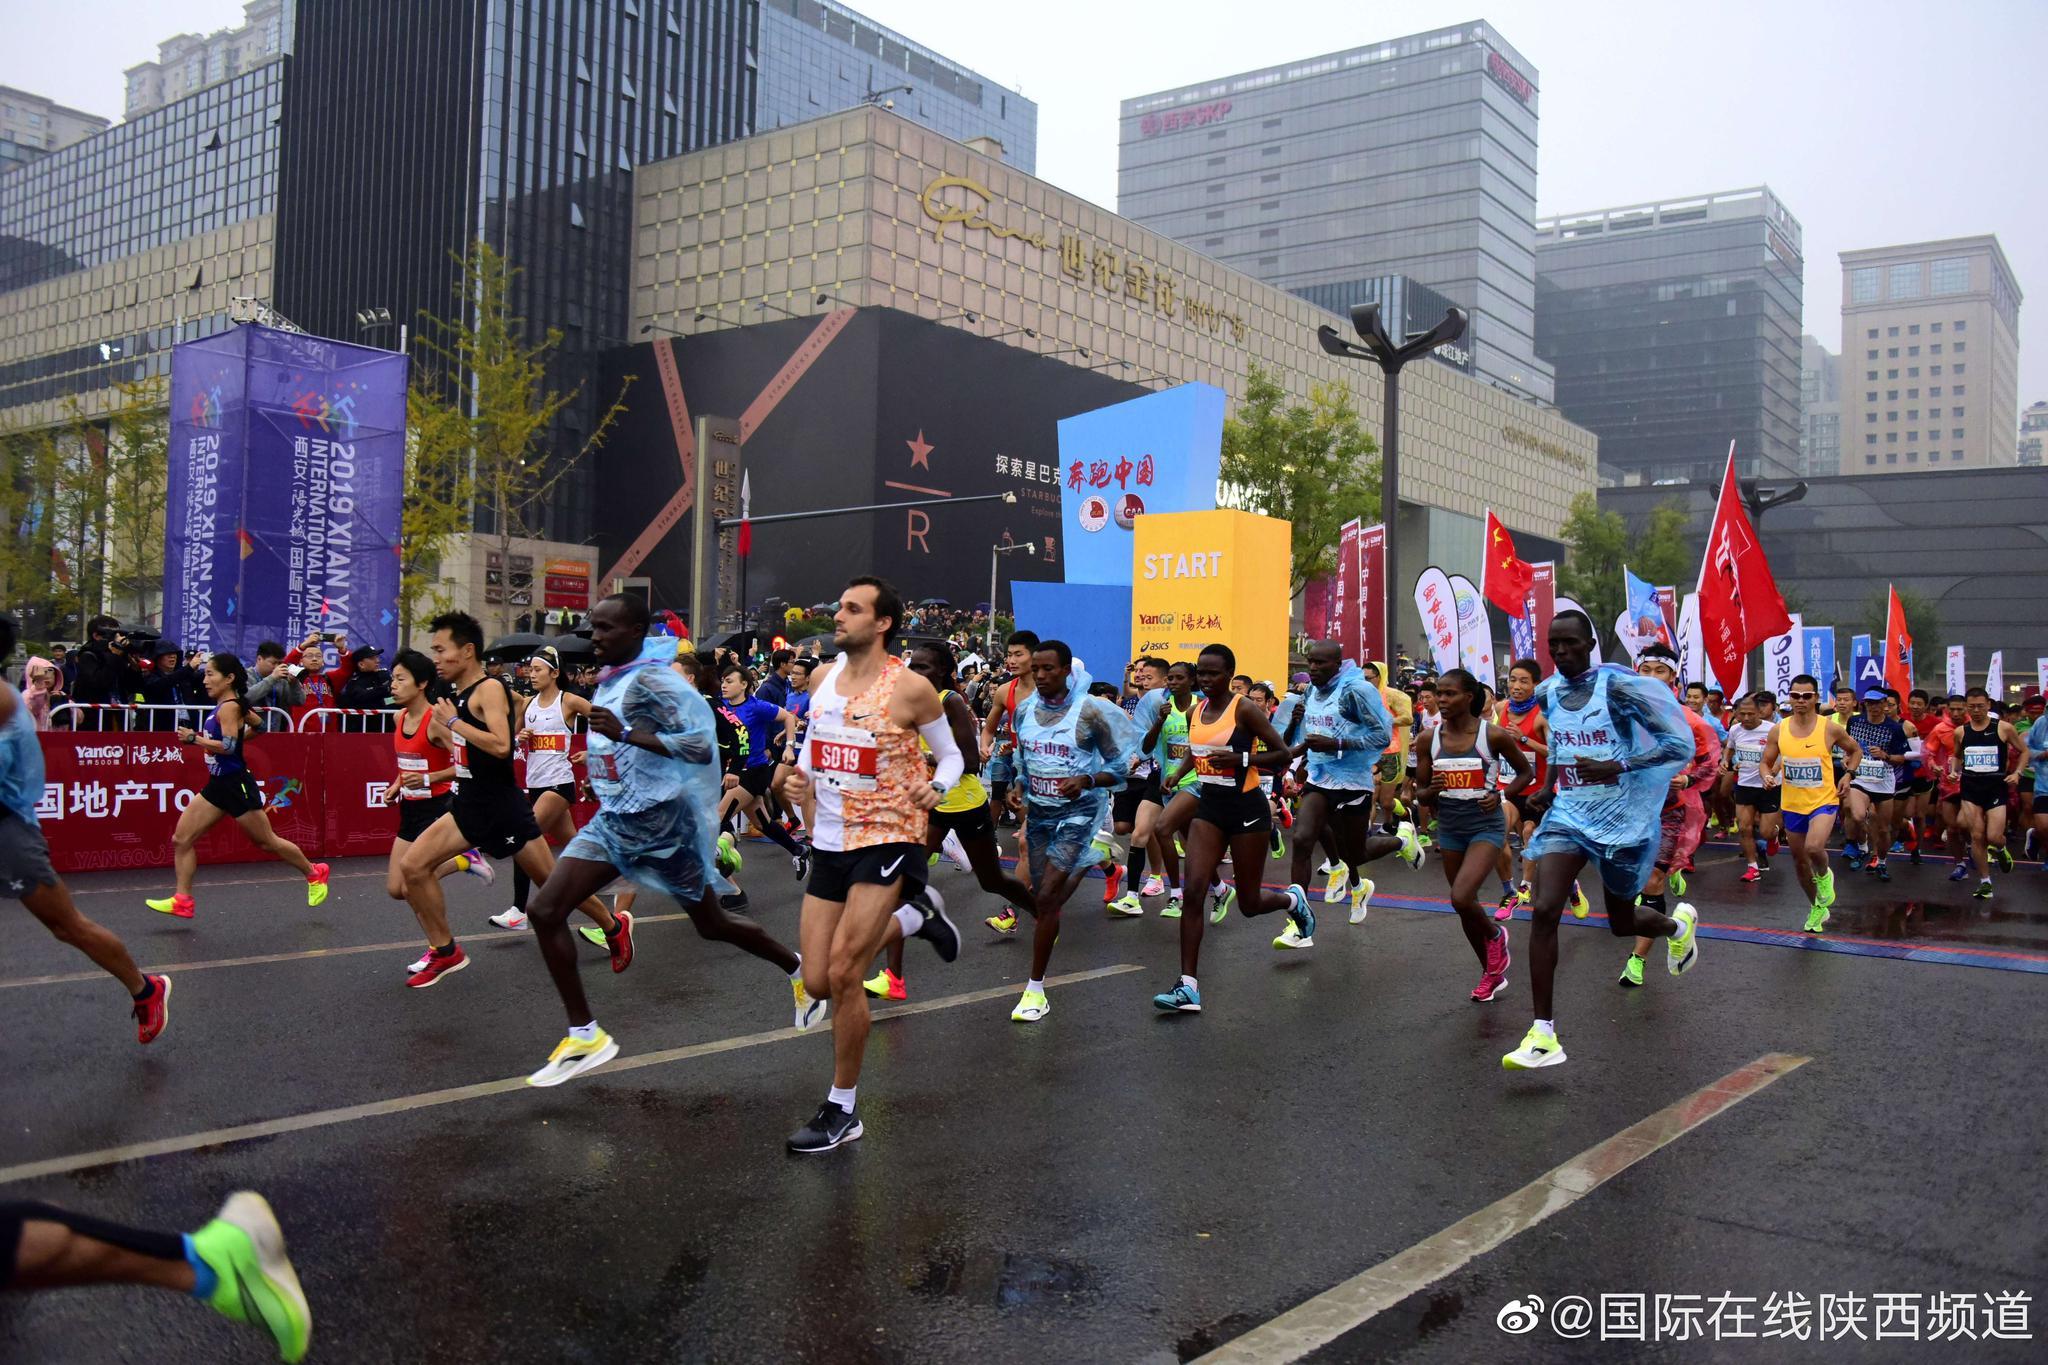 西马大雨中开跑,副省长都来跑马拉松了,吴向东夺国内冠军